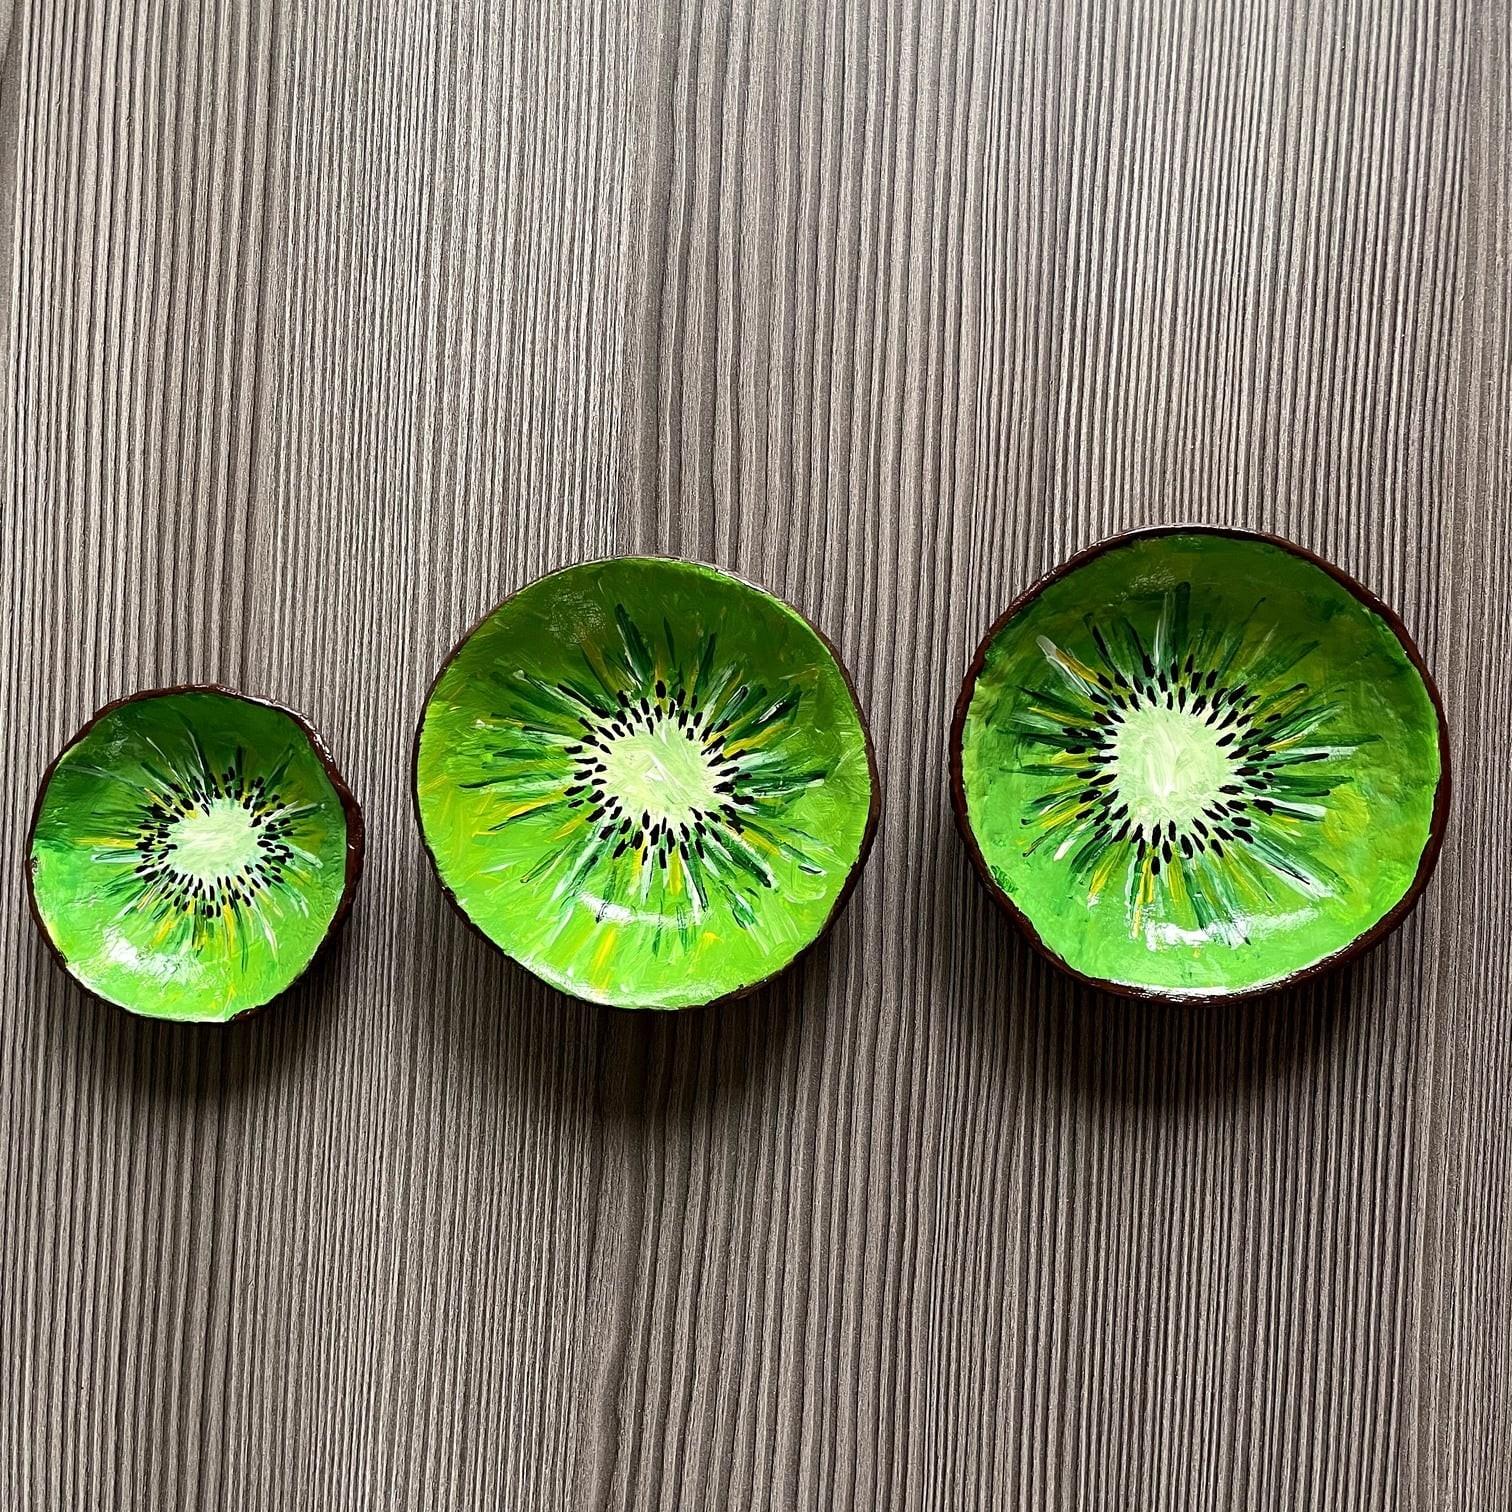 3-kiwi